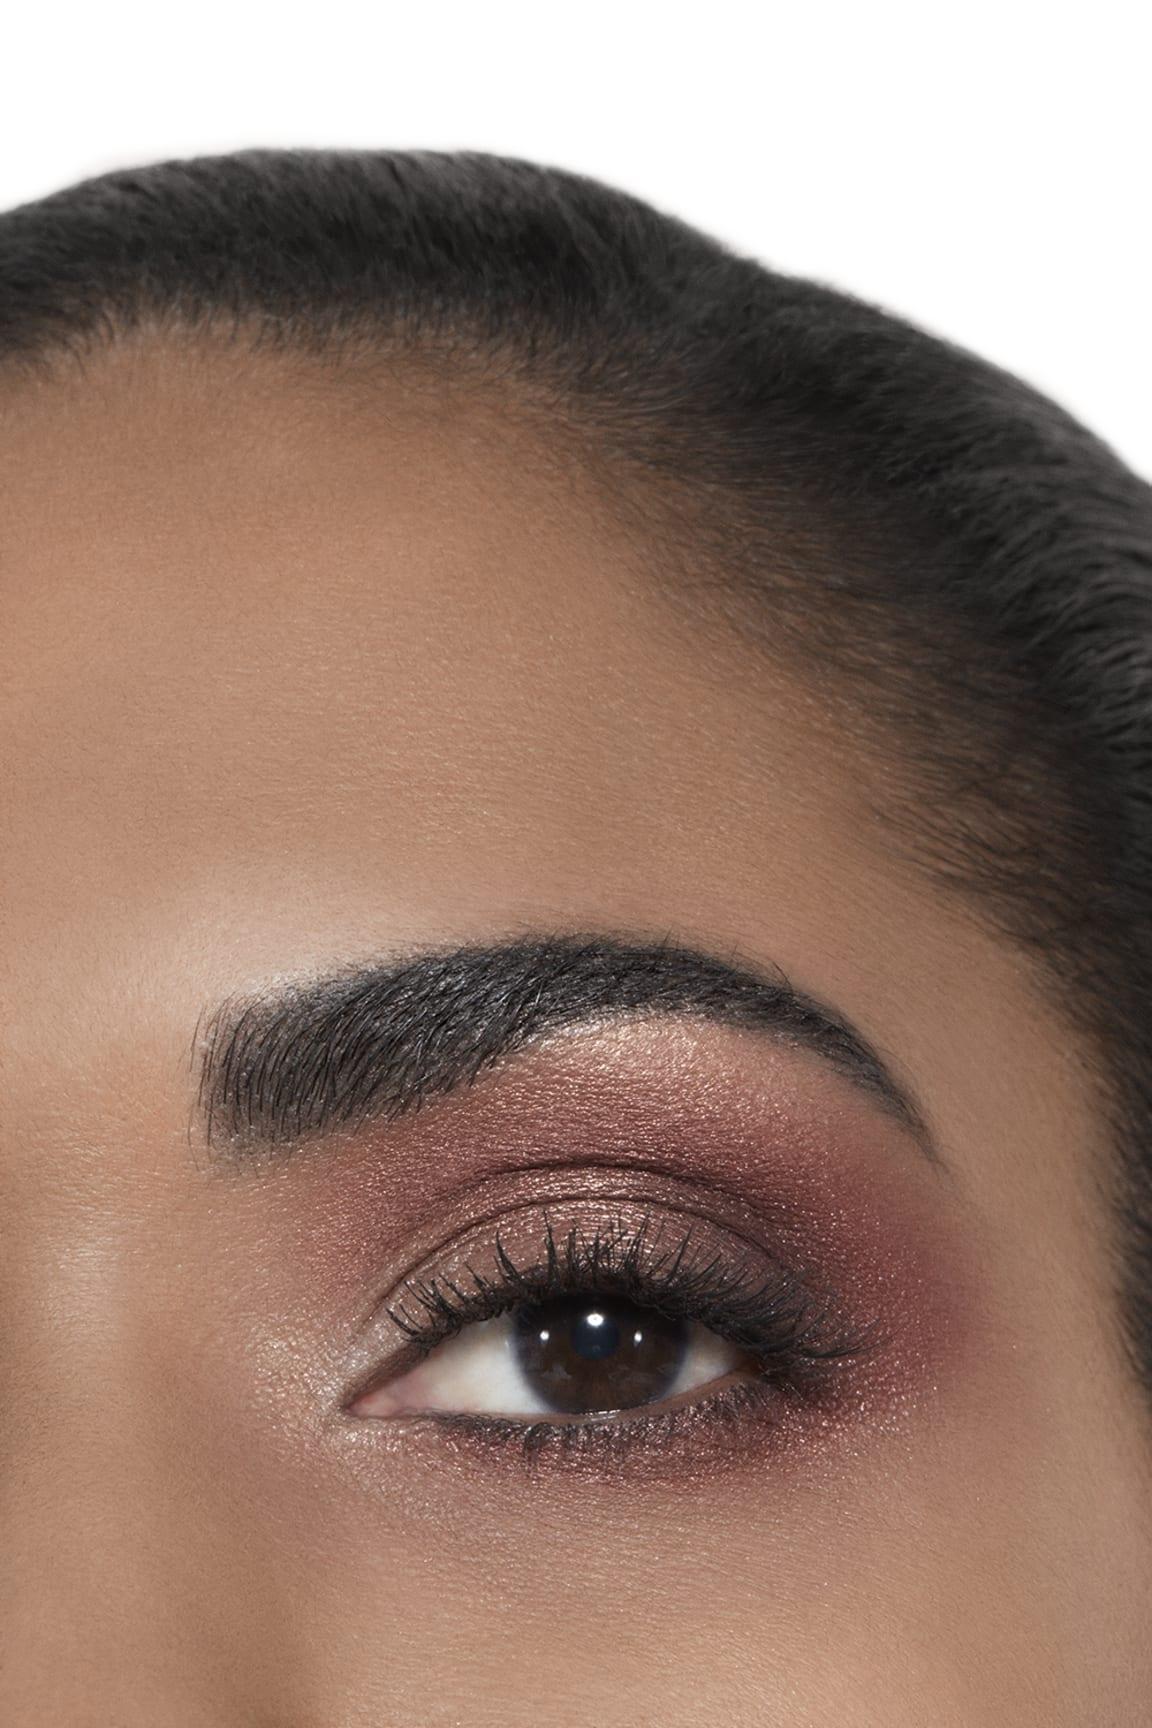 Application makeup visual 2 - ÉCLAT ÉNIGMATIQUE Exclusive Creation. Limited edition. ÉCLAT ÉNIGMATIQUE